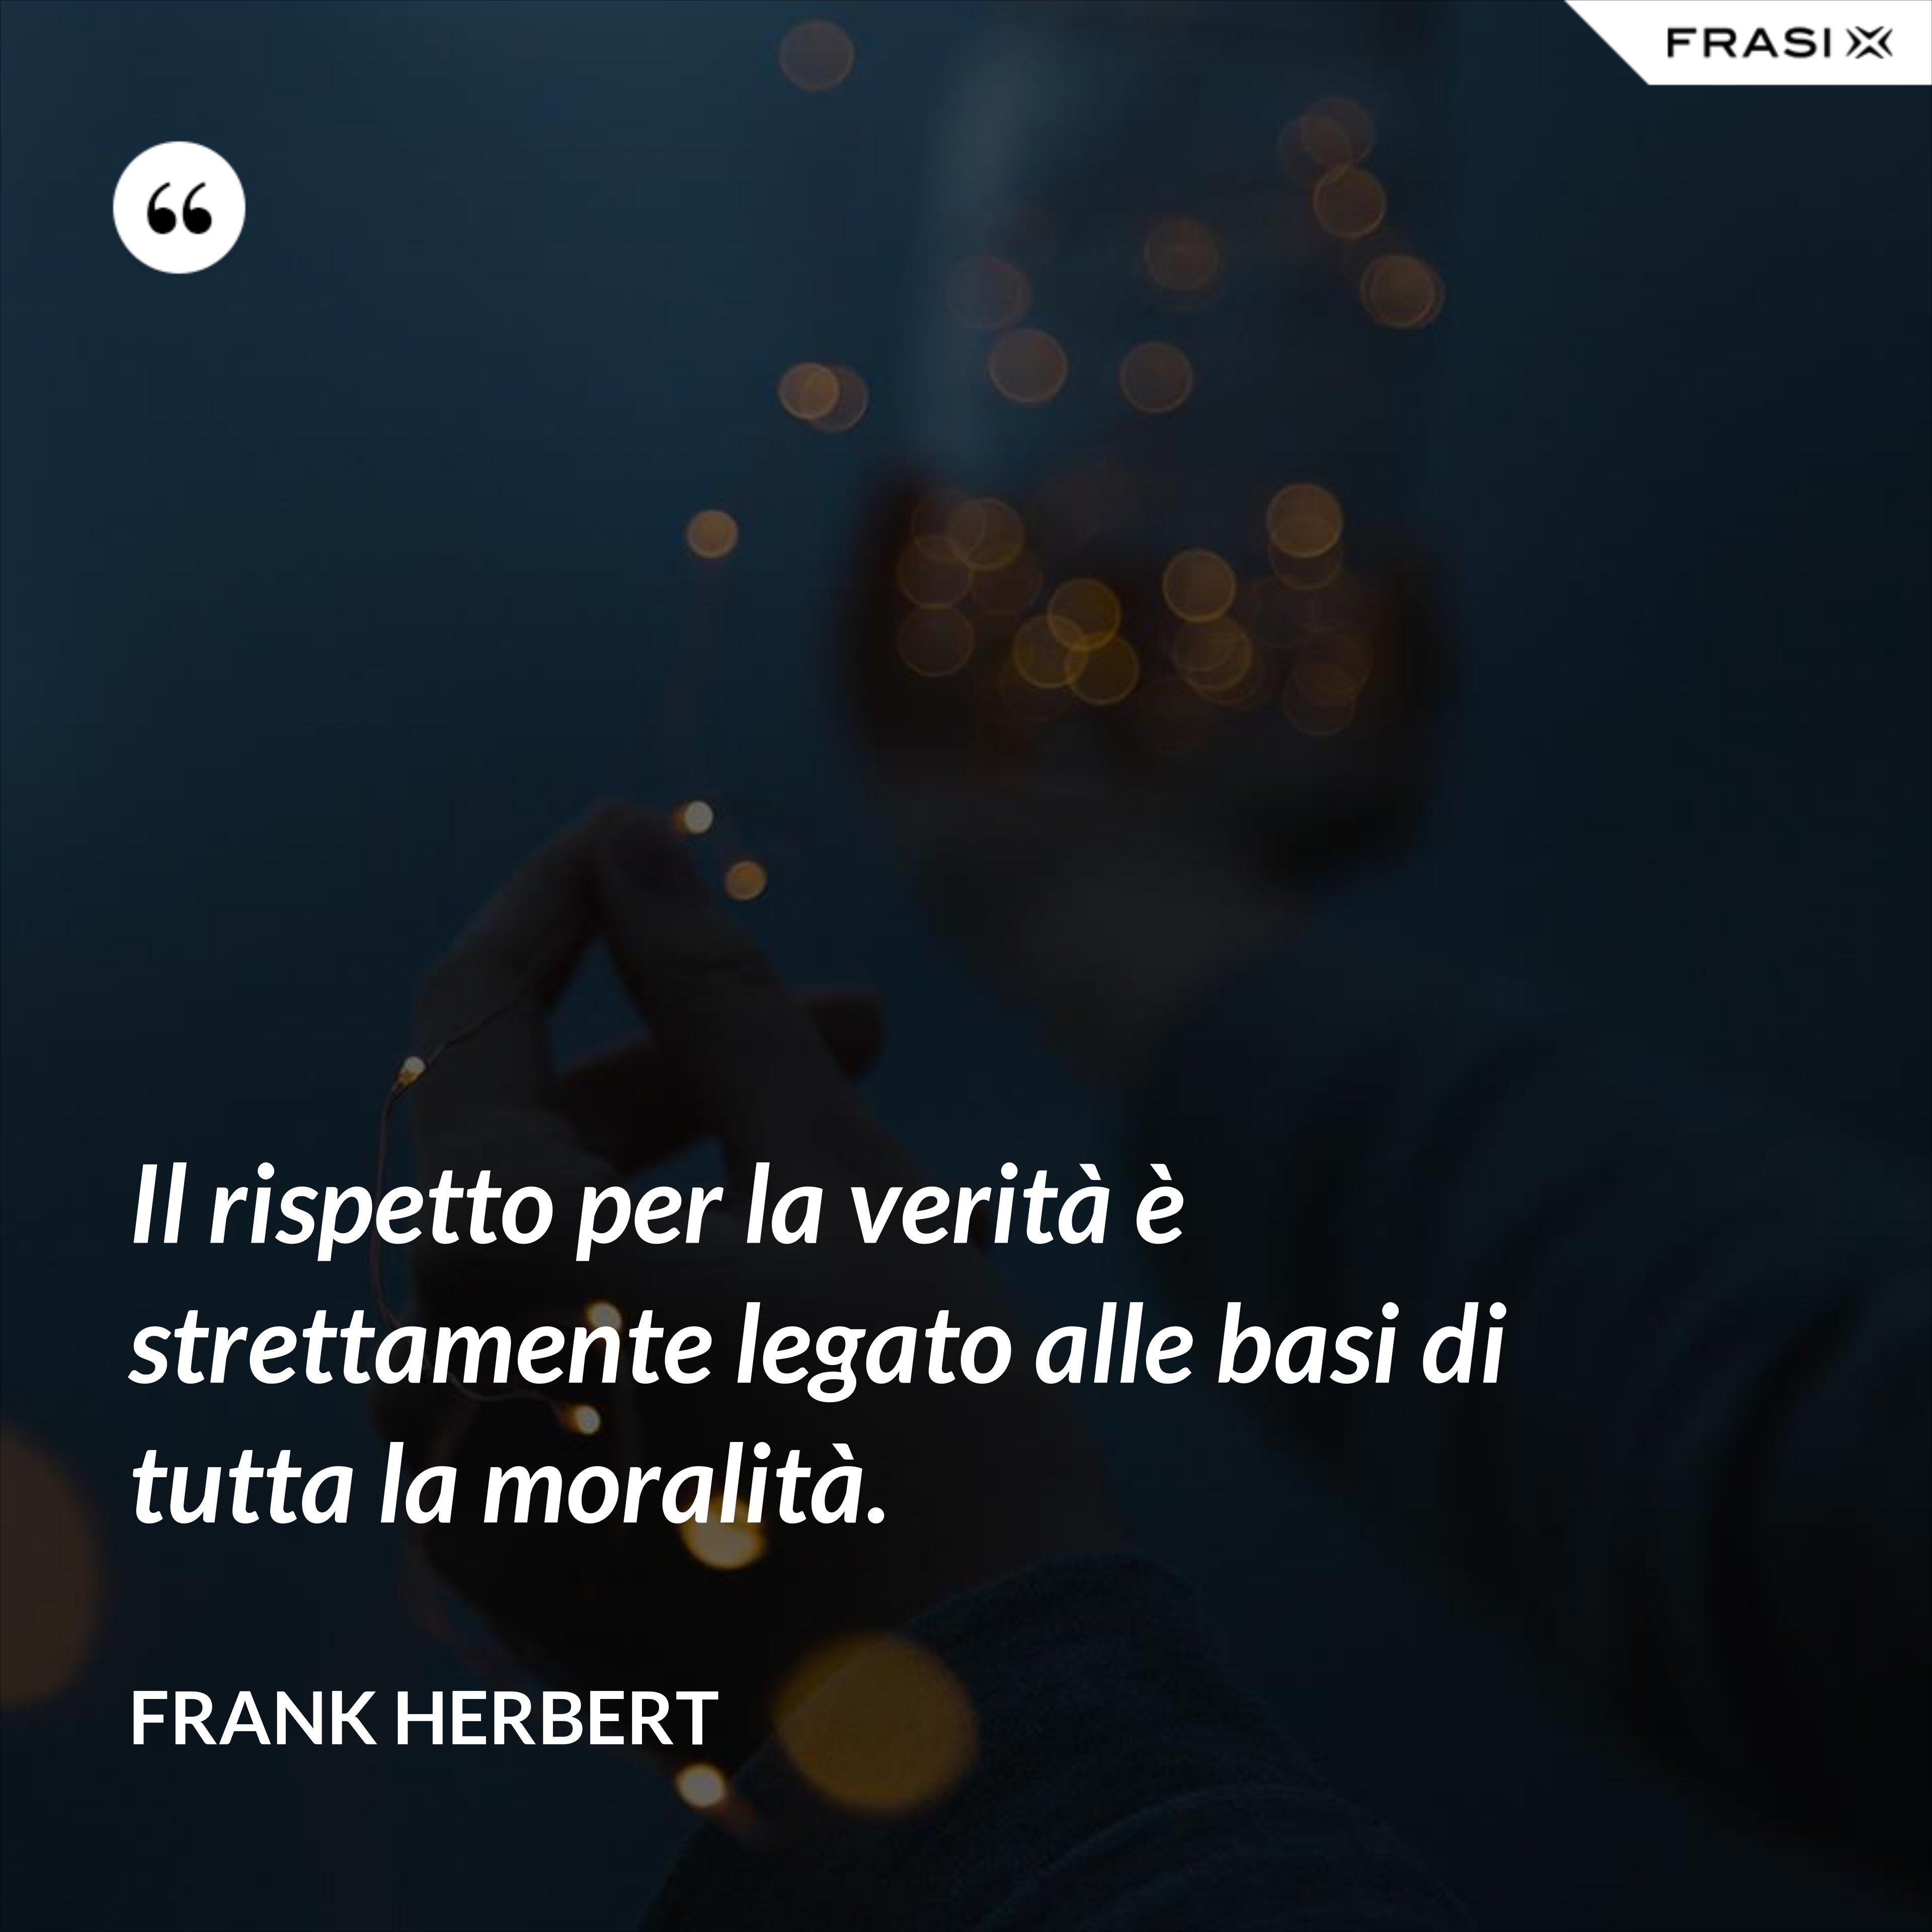 Il rispetto per la verità è strettamente legato alle basi di tutta la moralità. - Frank Herbert